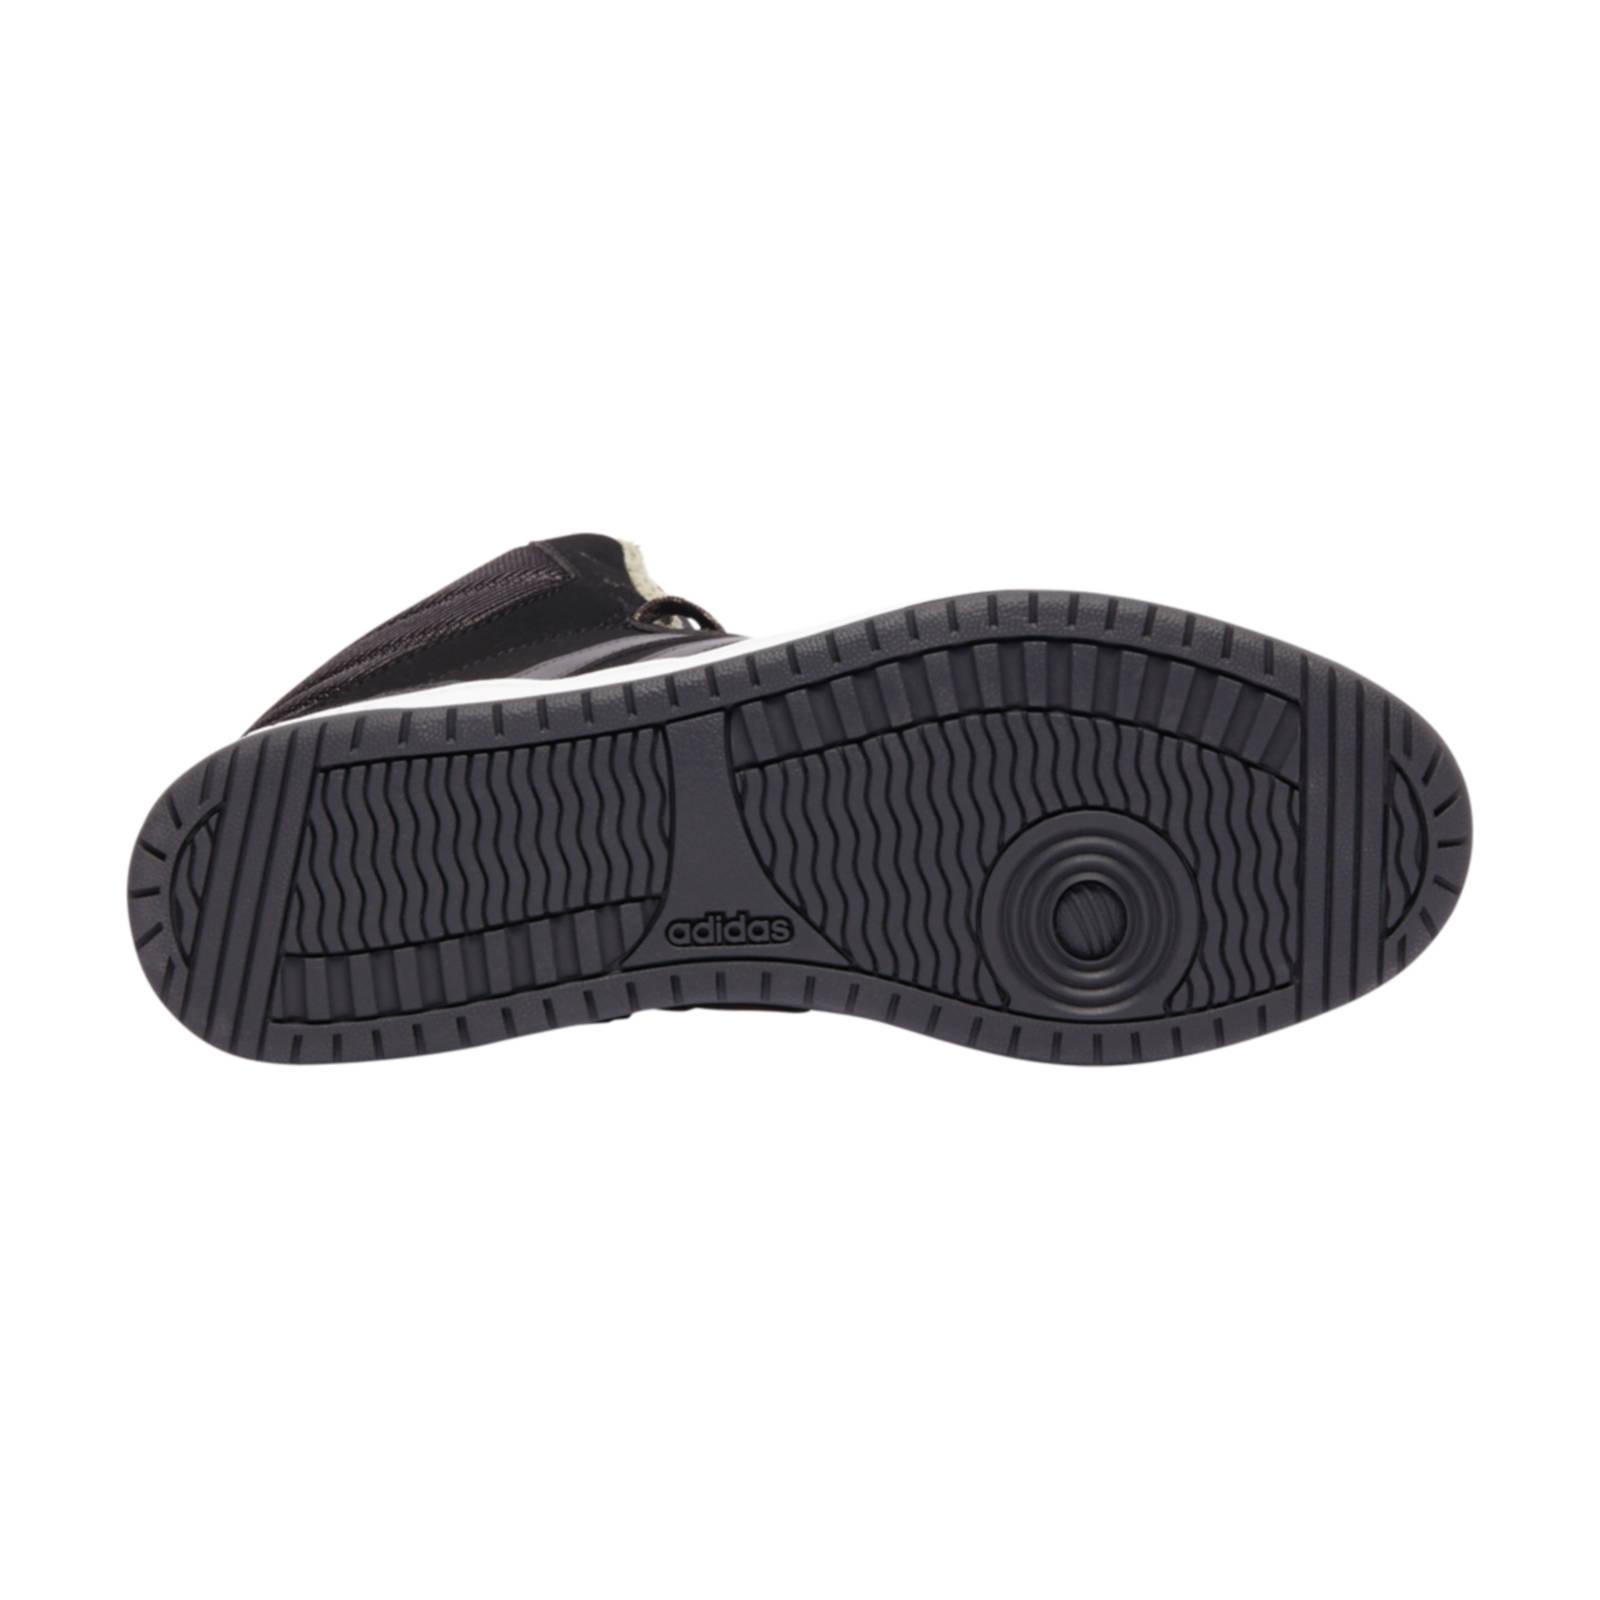 vanHaren Hoops VS Mid gevoerde leren sneakers   wehkamp